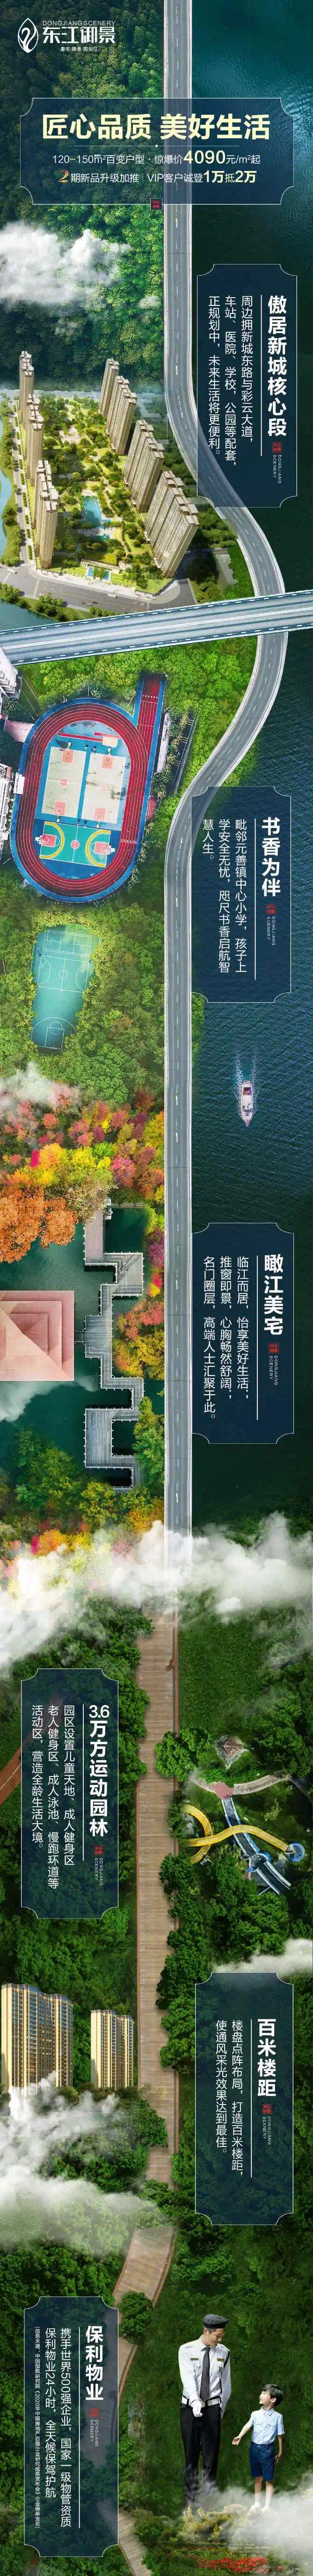 河源连平东江御景傲居新城核心段,匠心品质美好生活